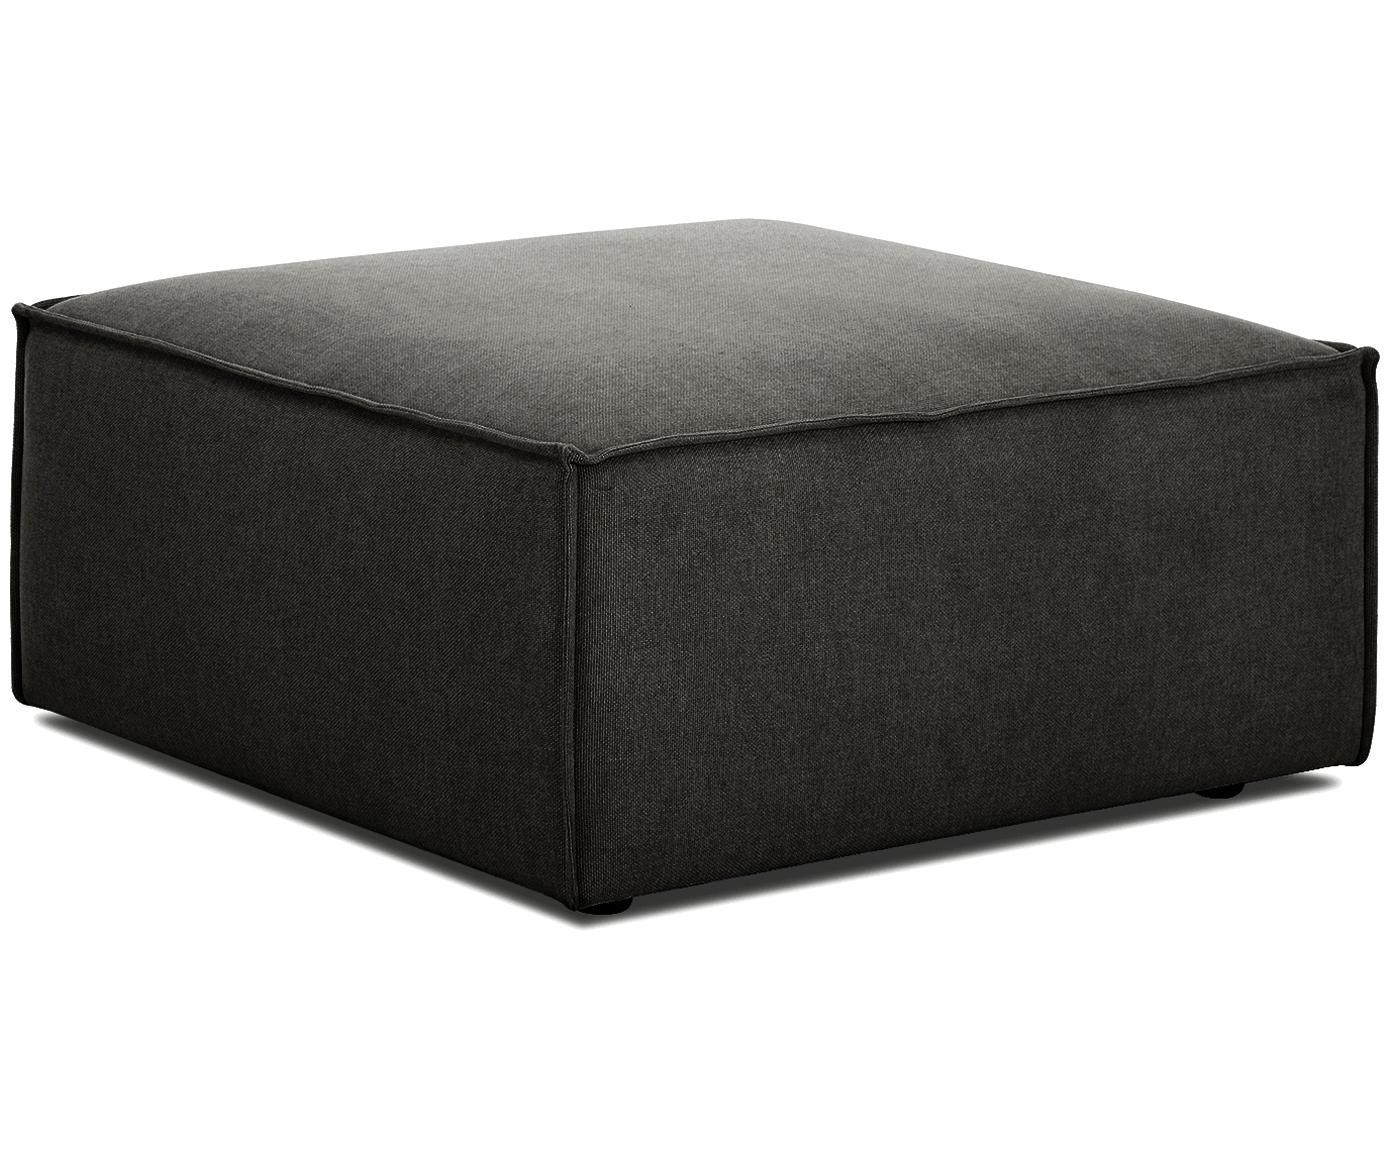 Poggiapiedi da divano Lennon, Rivestimento: poliestere 35.000 cicli d, Struttura: legno di pino massiccio, , Piedini: materiale sintetico, Tessuto antracite, Larg. 88 x Alt. 43 cm